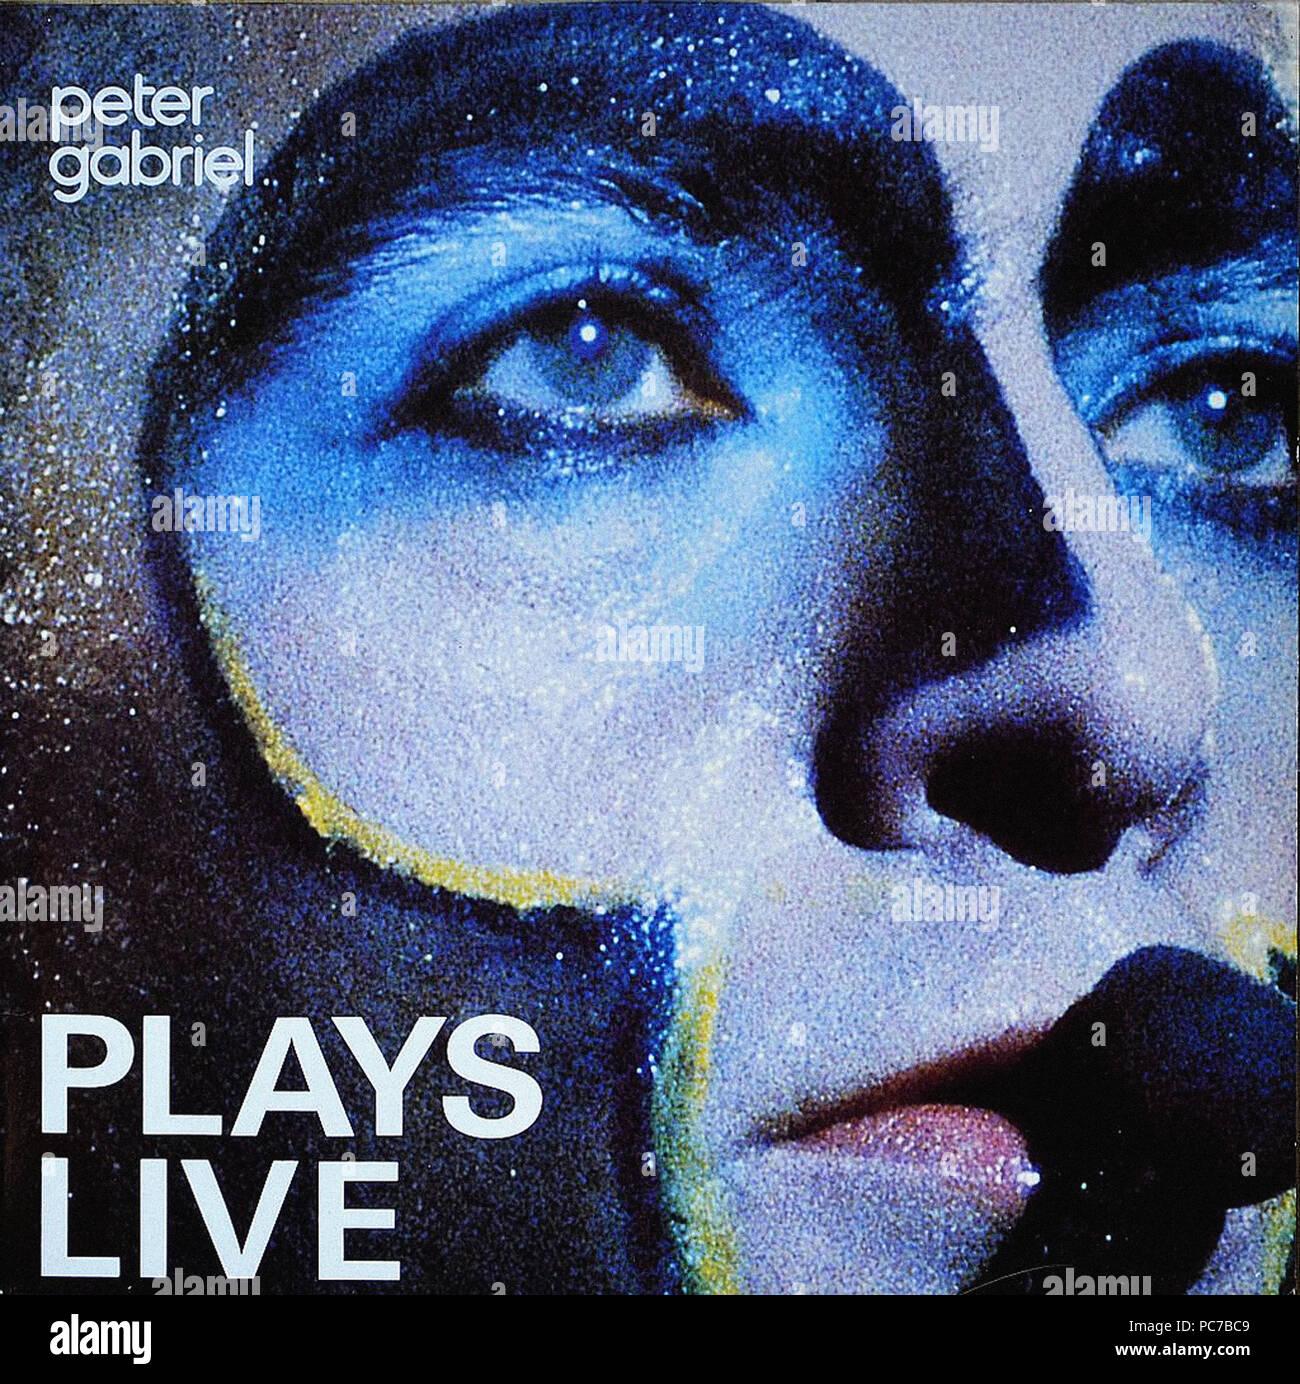 Peter Gabriel - Plays Live - Vintage vinyl album cover Stock Photo